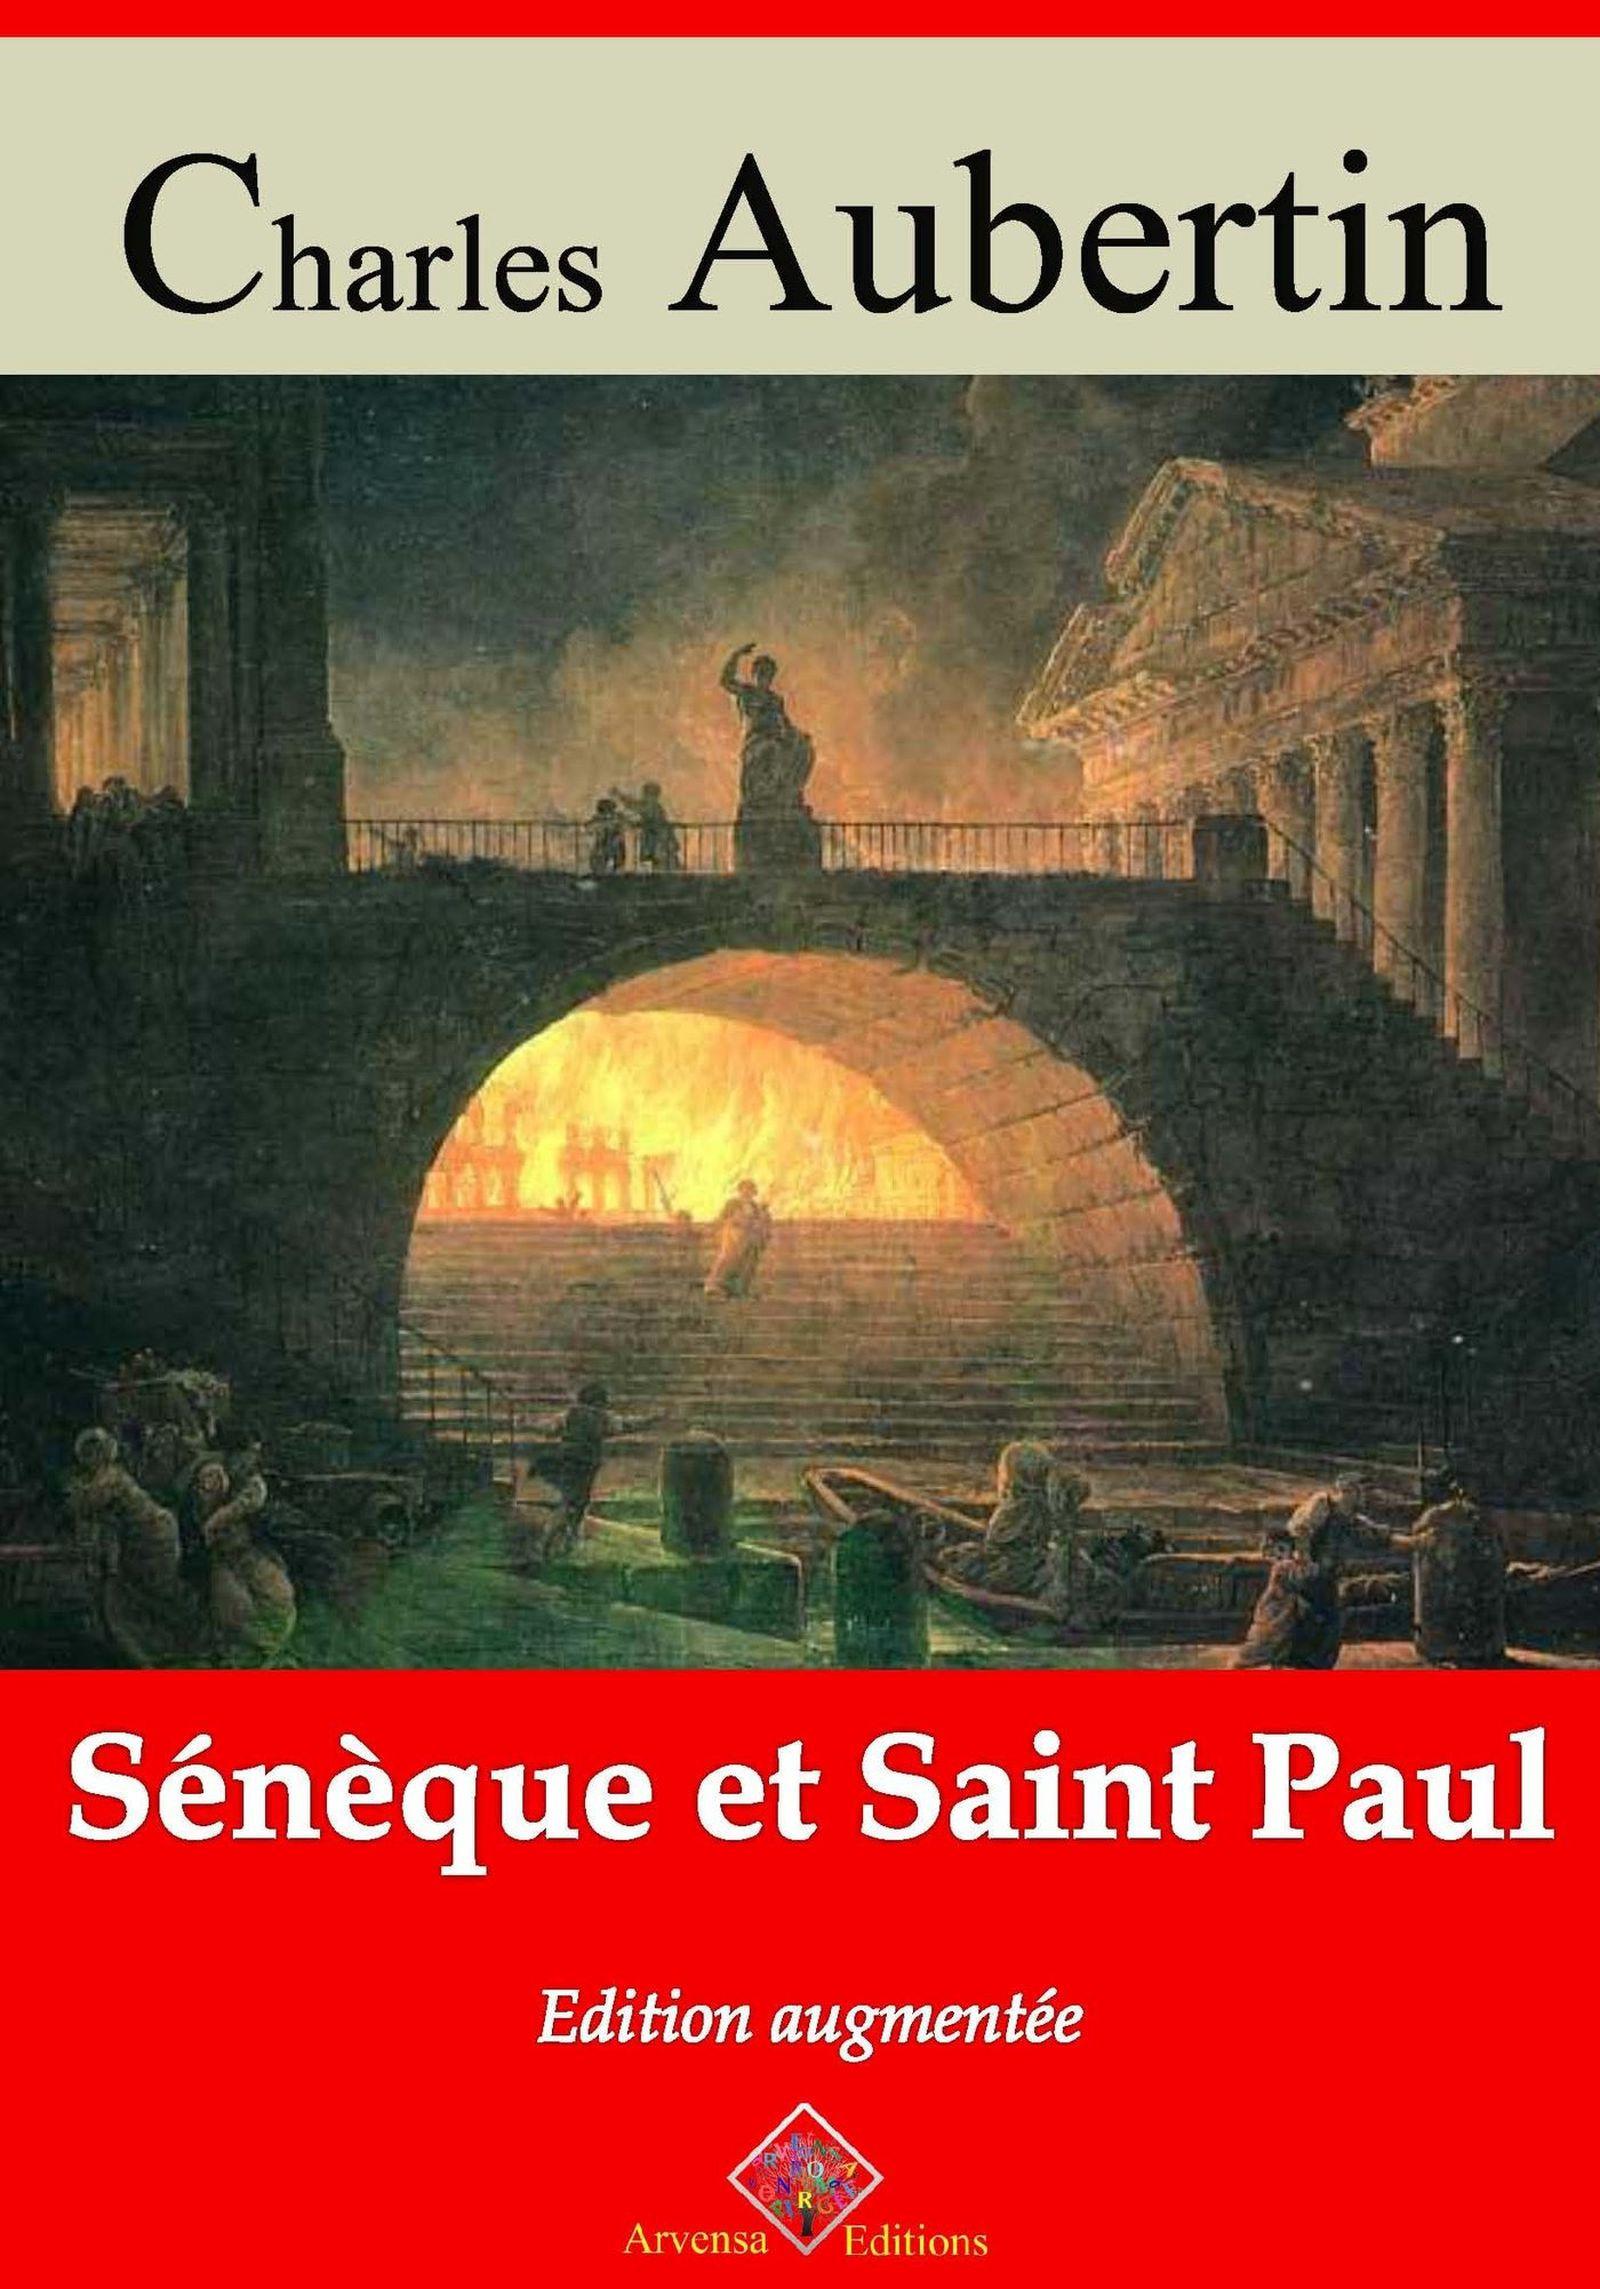 Sénèque et saint Paul - suivi d'annexes  - Charles Aubertin